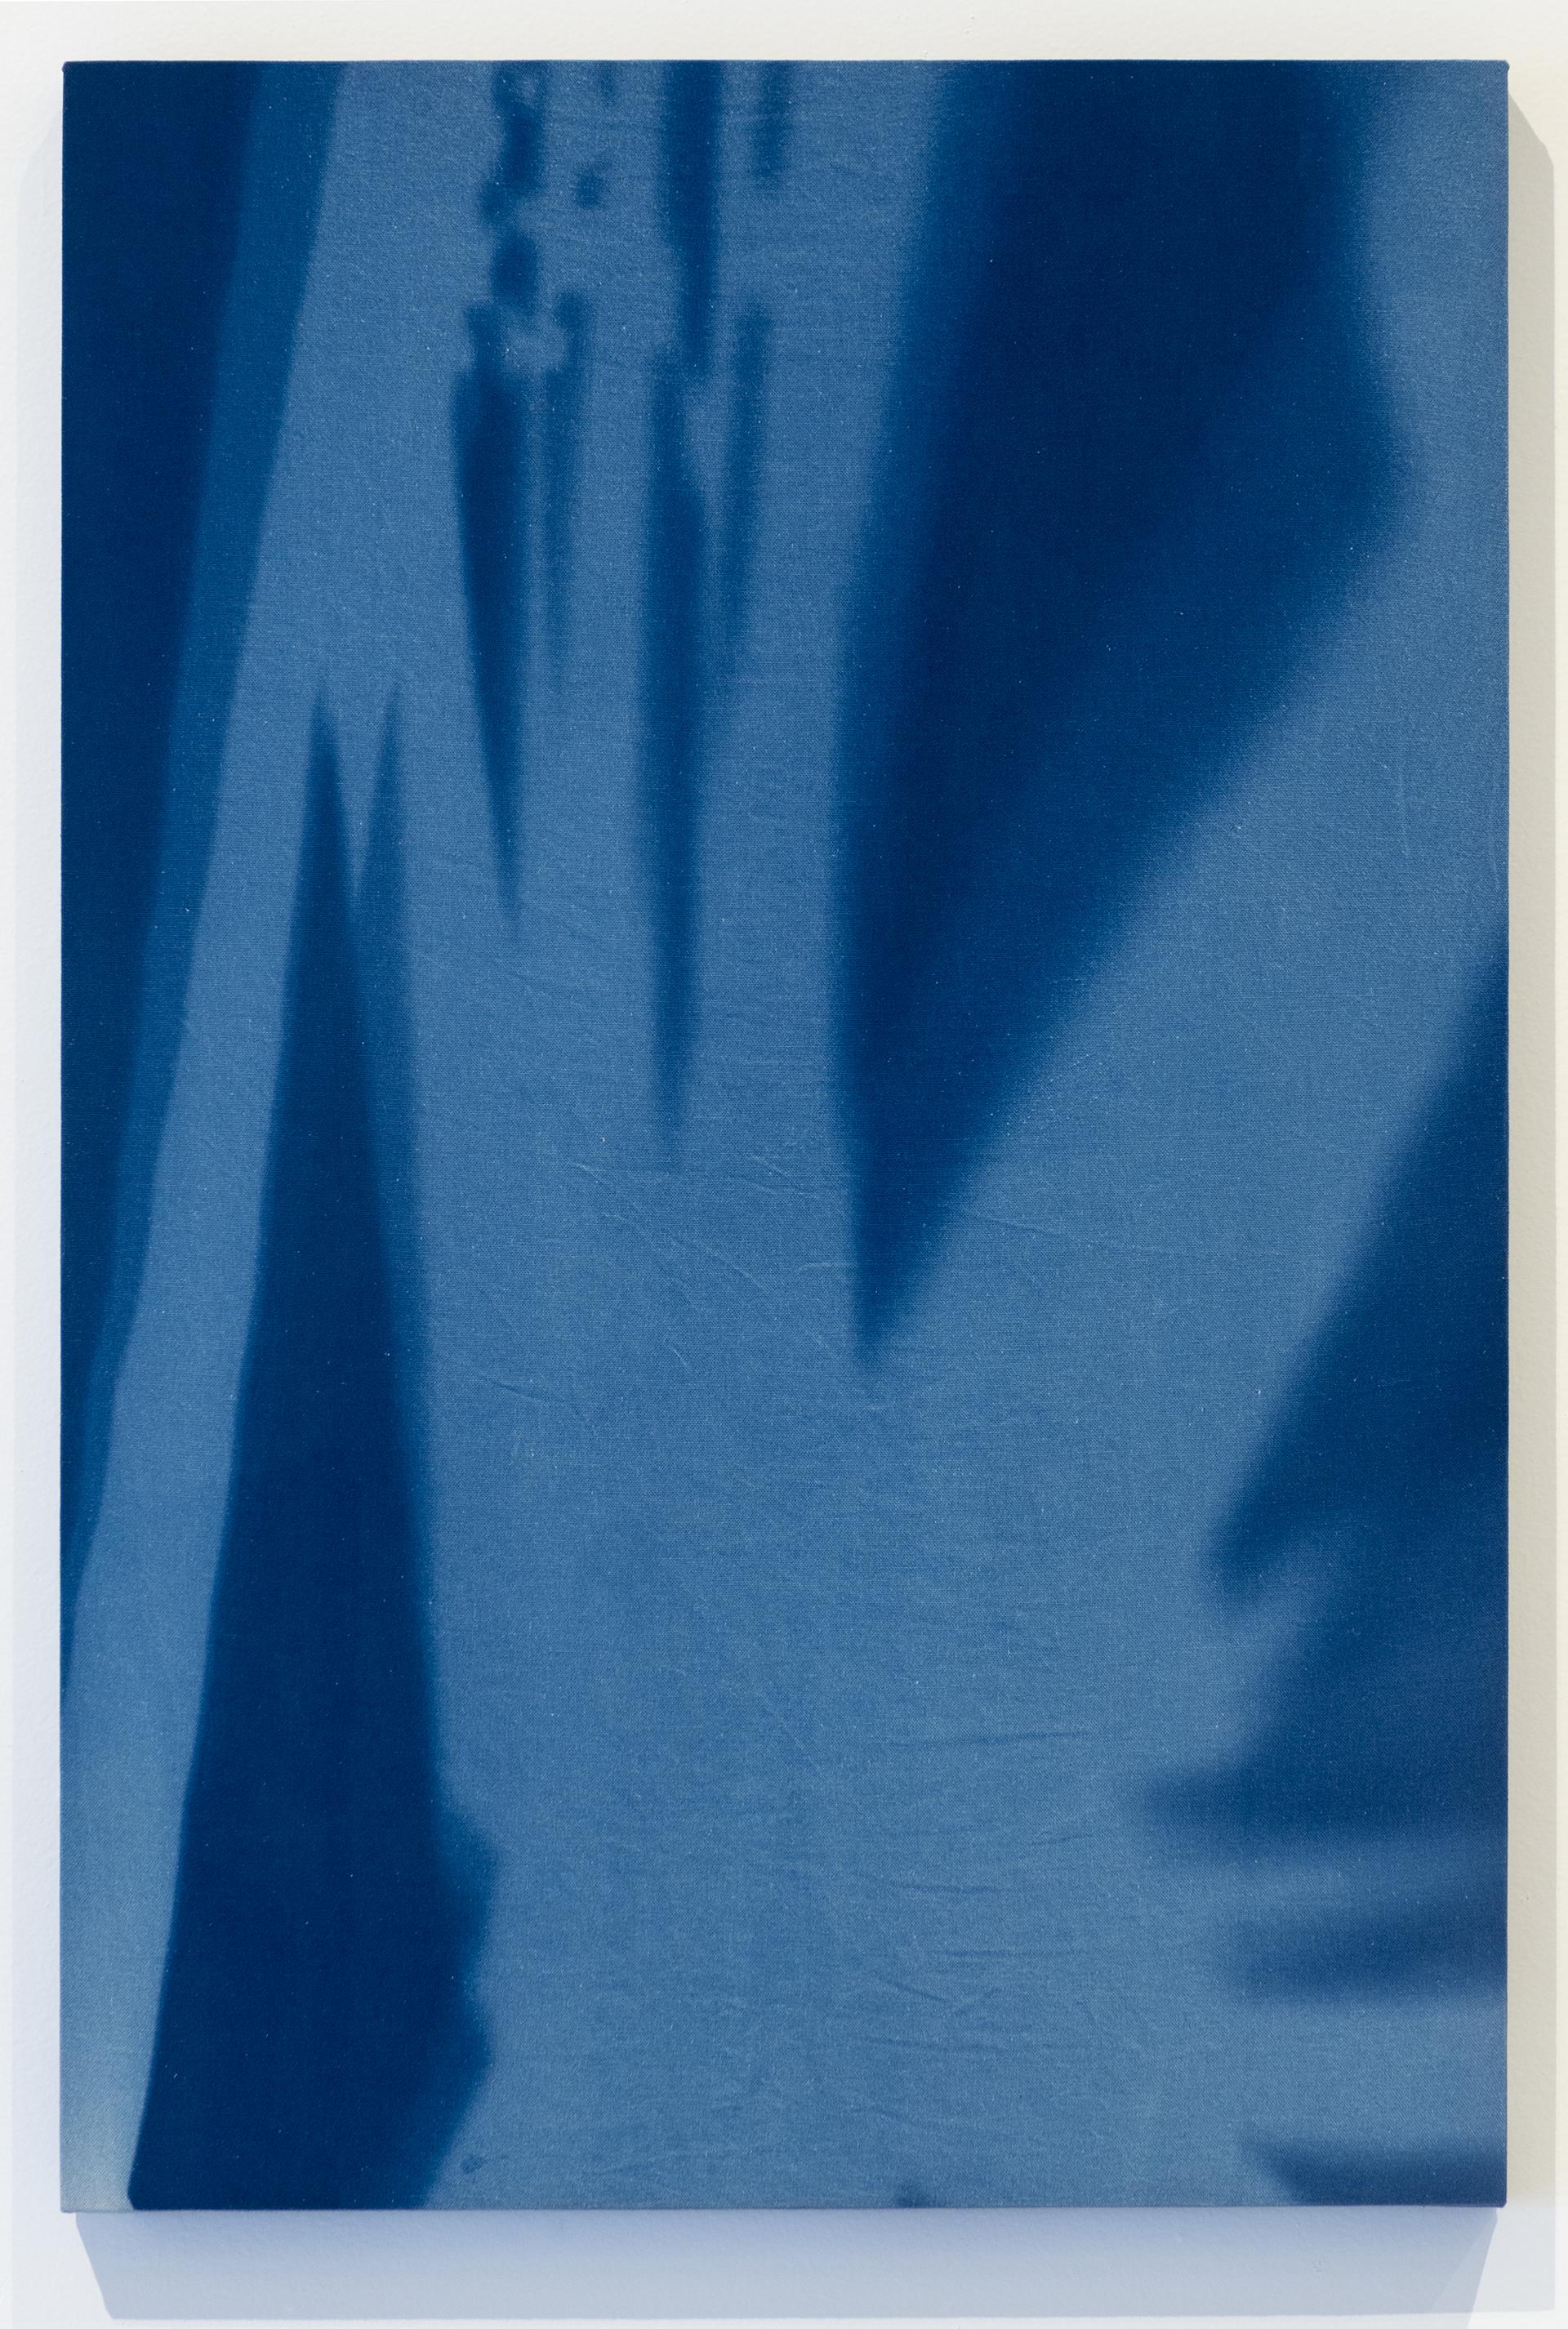 """26 de Agosto 2015, 14:10 h. Torre Sur Museo del Chopo, tiempo de exposición13 min"""" Cianotipia sobre tela montado sobre bastidor  90x60 cm (35 x 23"""")"""